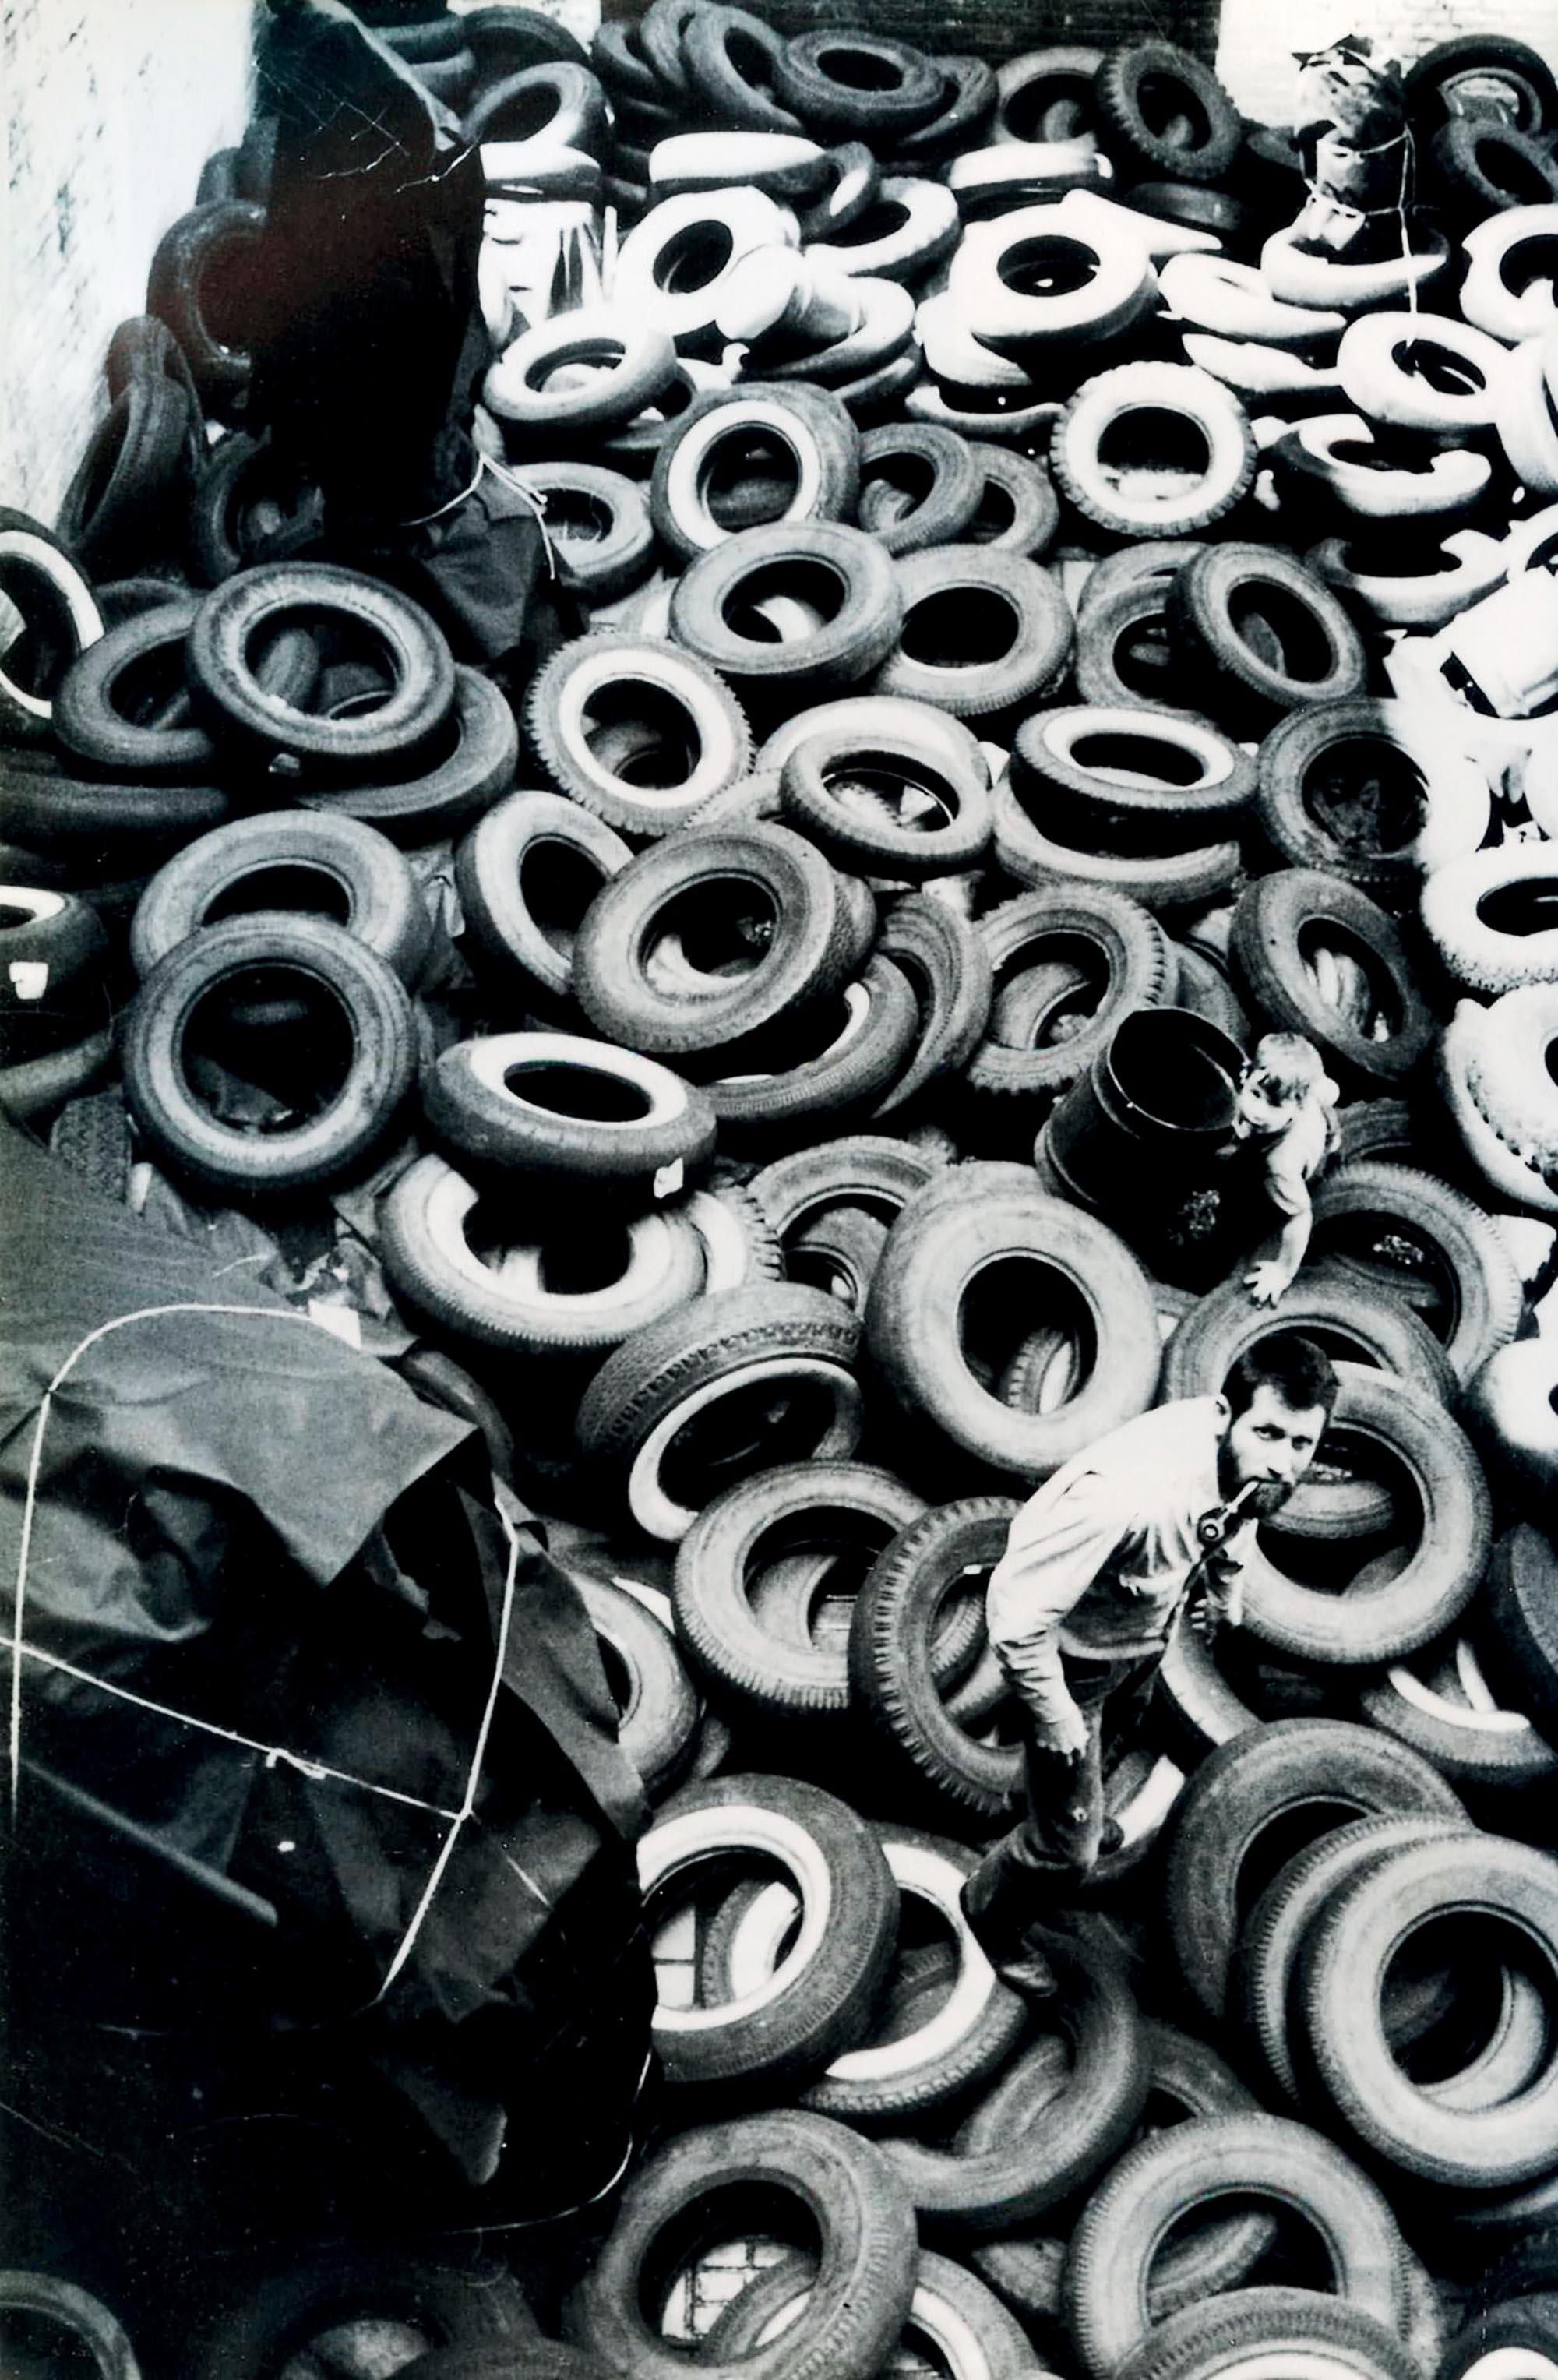 sáng tạo tác phẩm khu vườn lốp xe